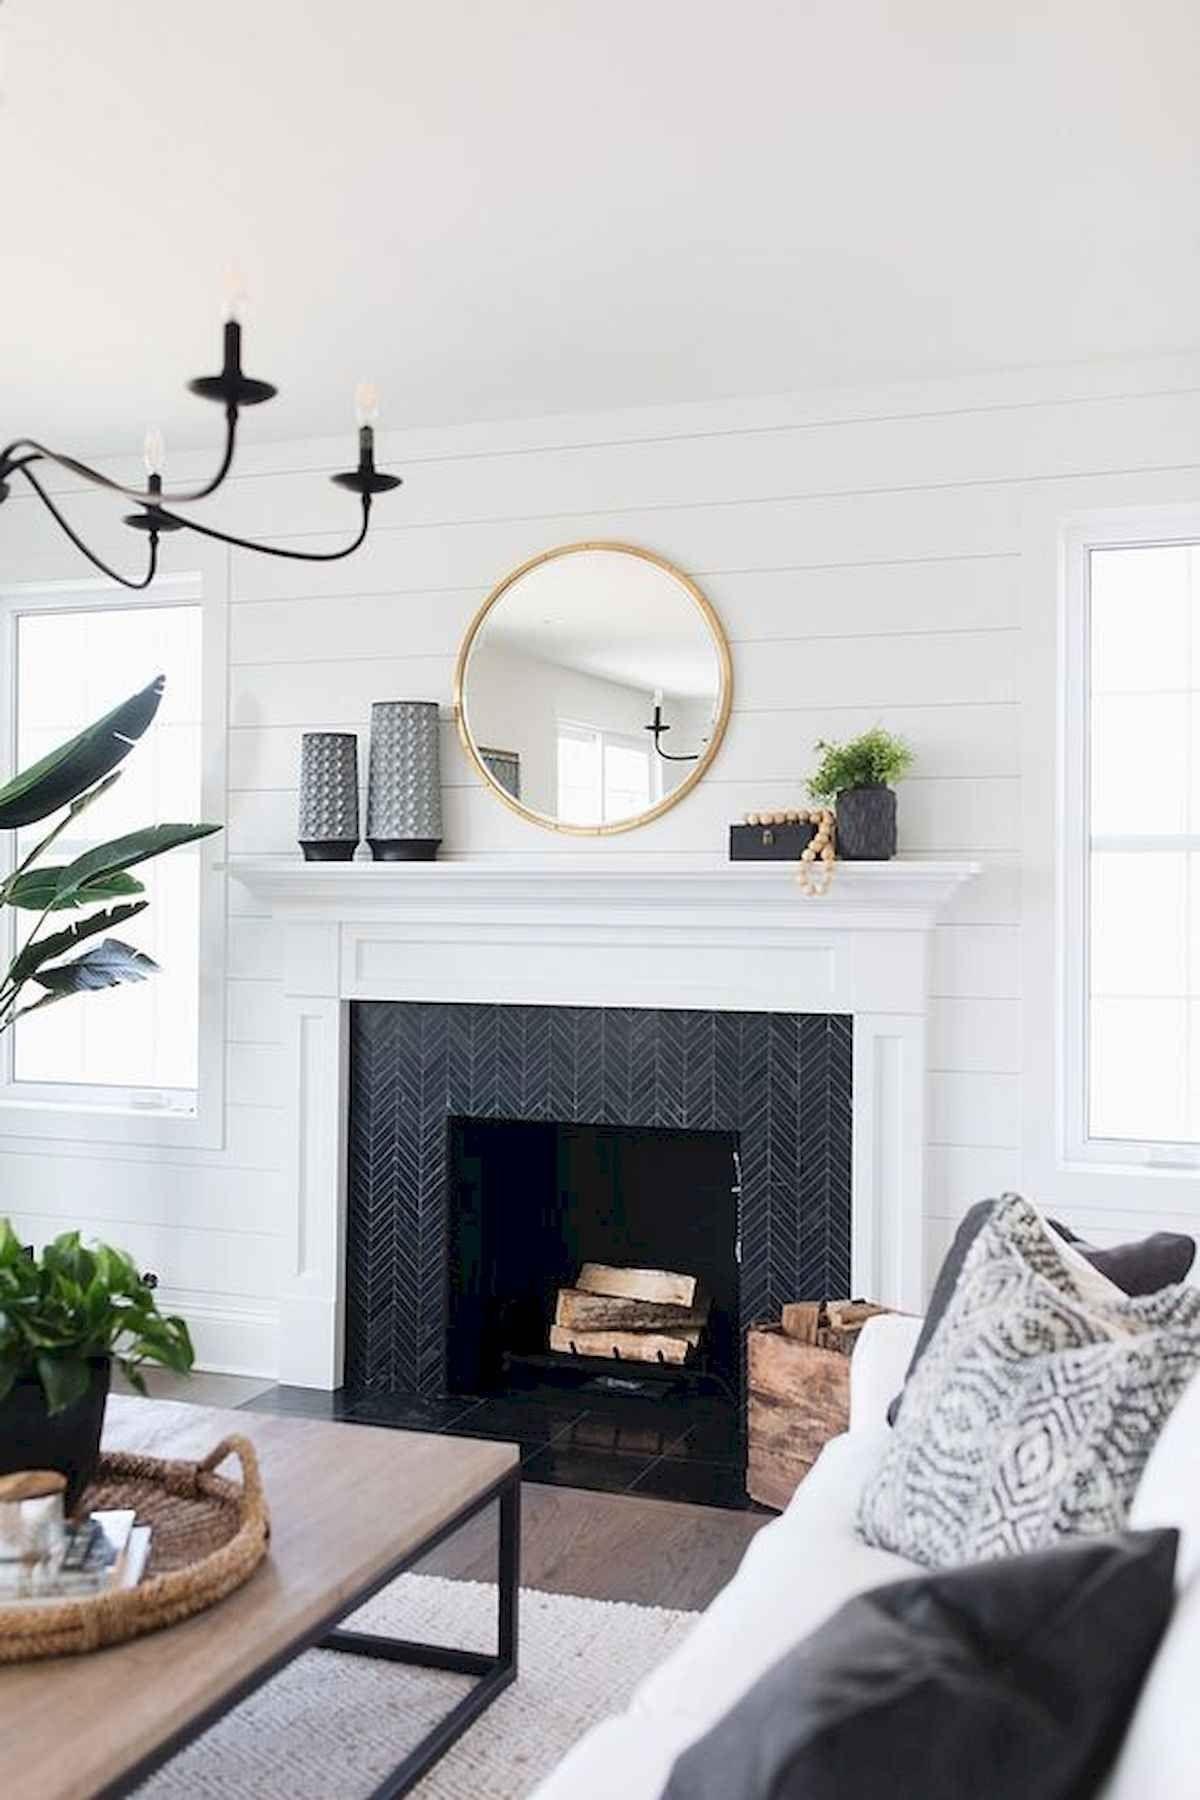 40 Best Modern Farmhouse Fireplace Mantel Decor Ideas In